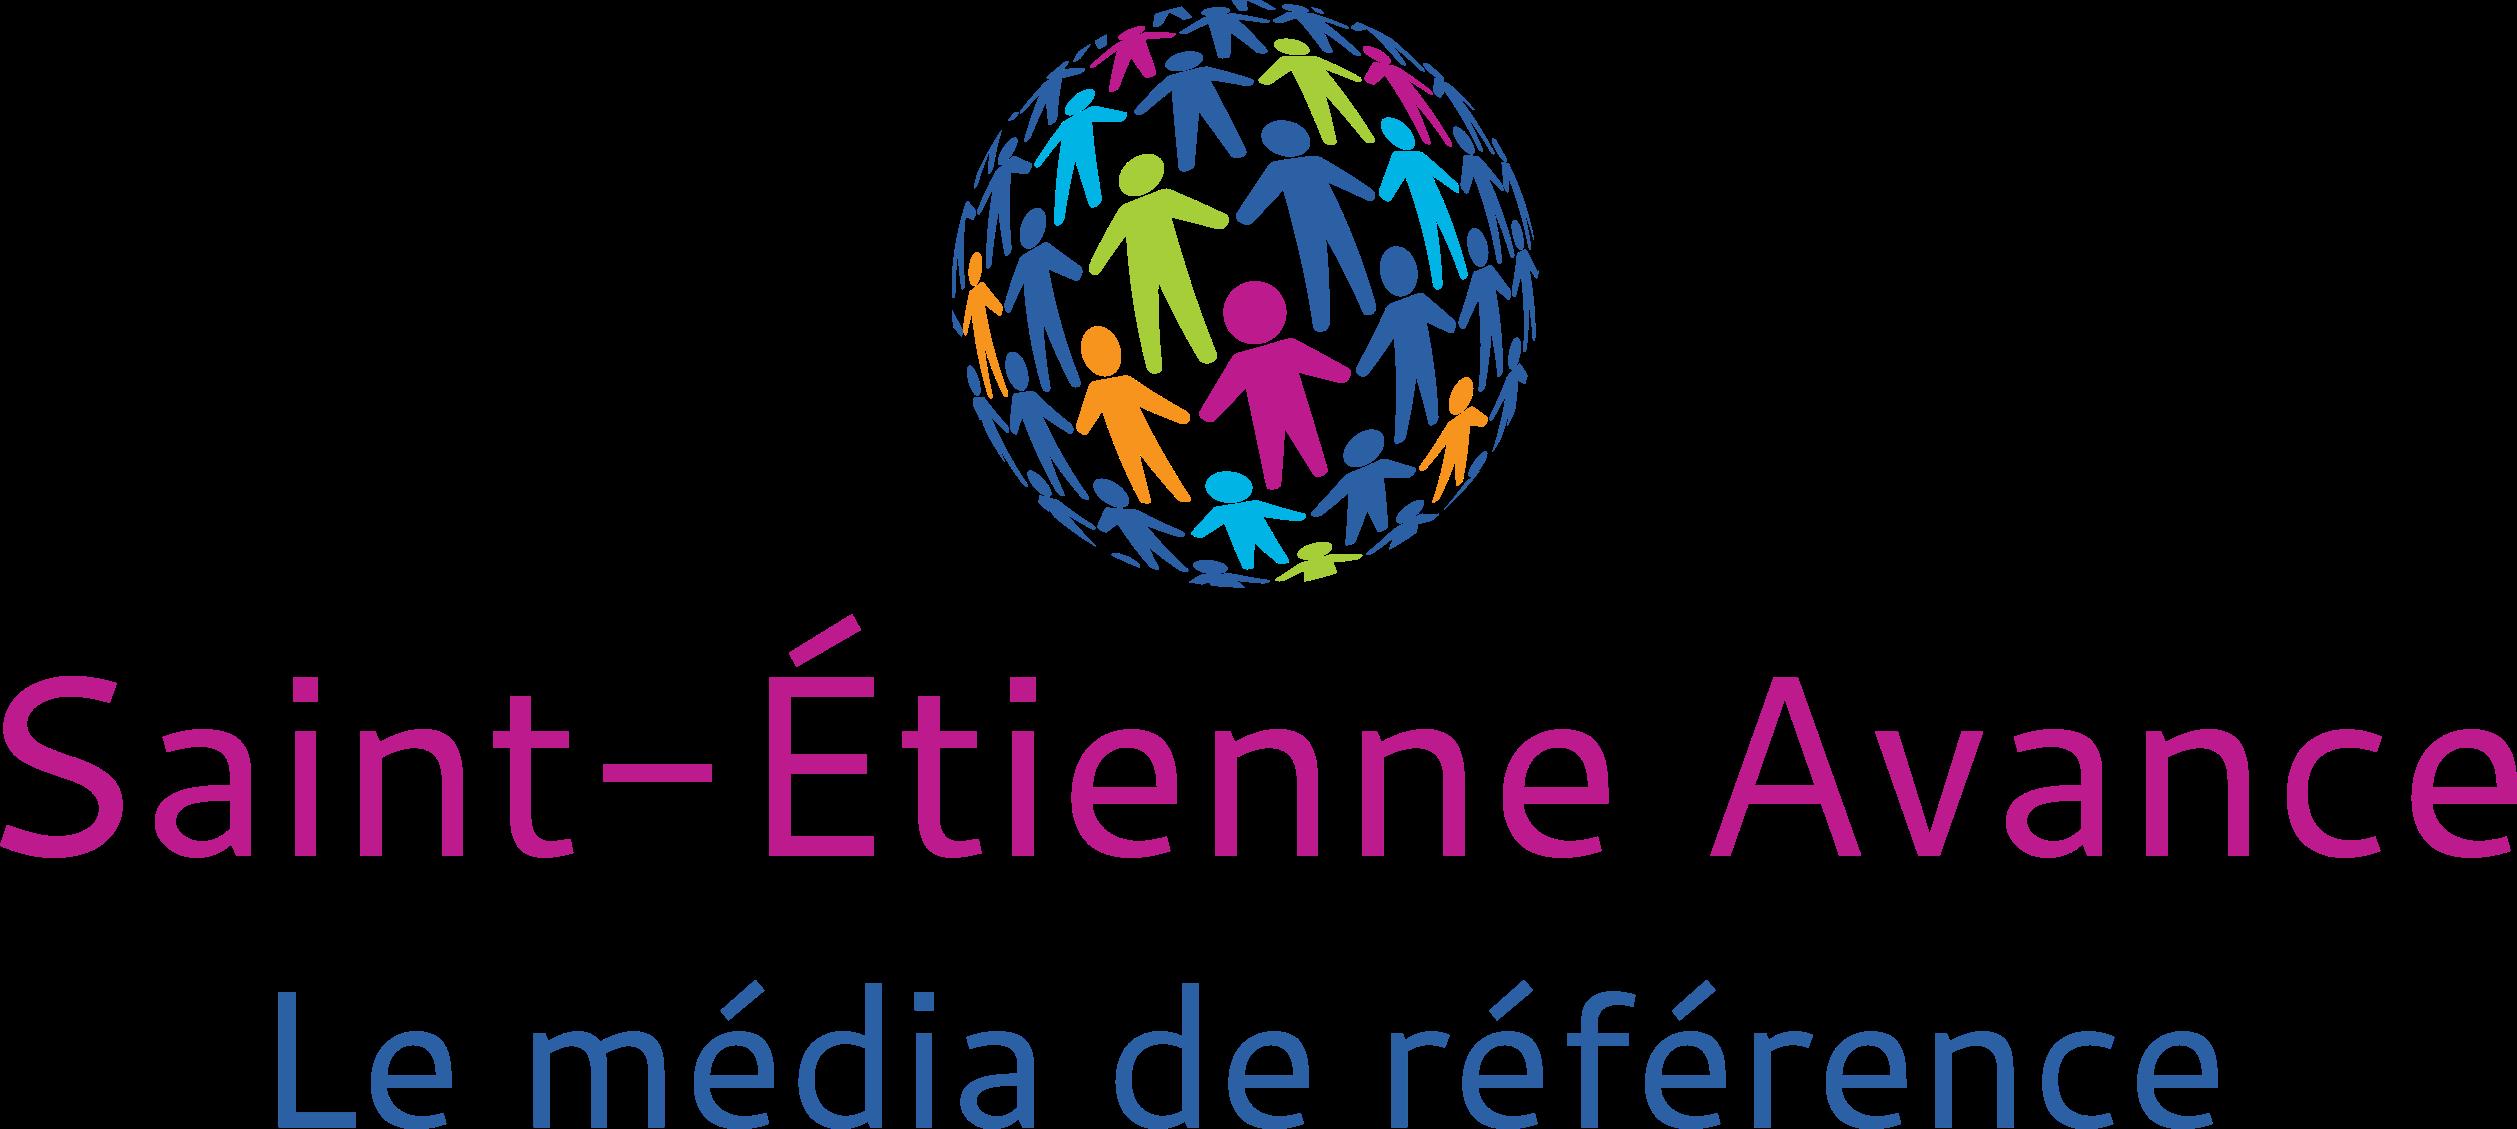 Saint-Étienne Avance